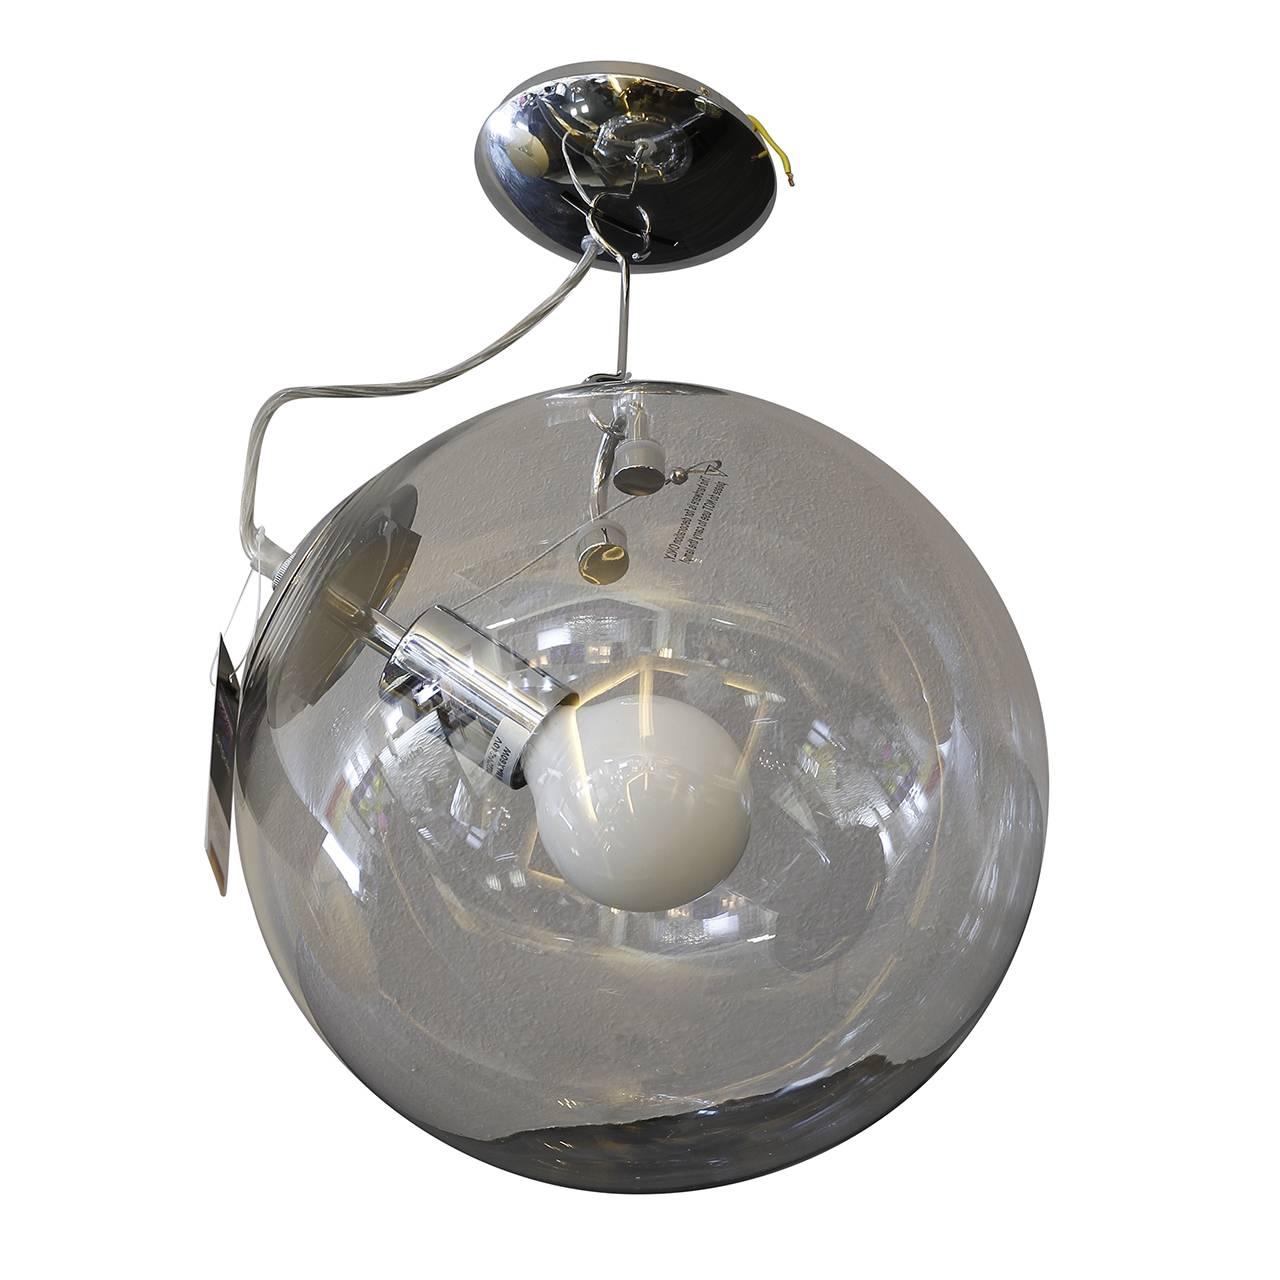 Подвесной светильник Feuerball с плафоном из стекла